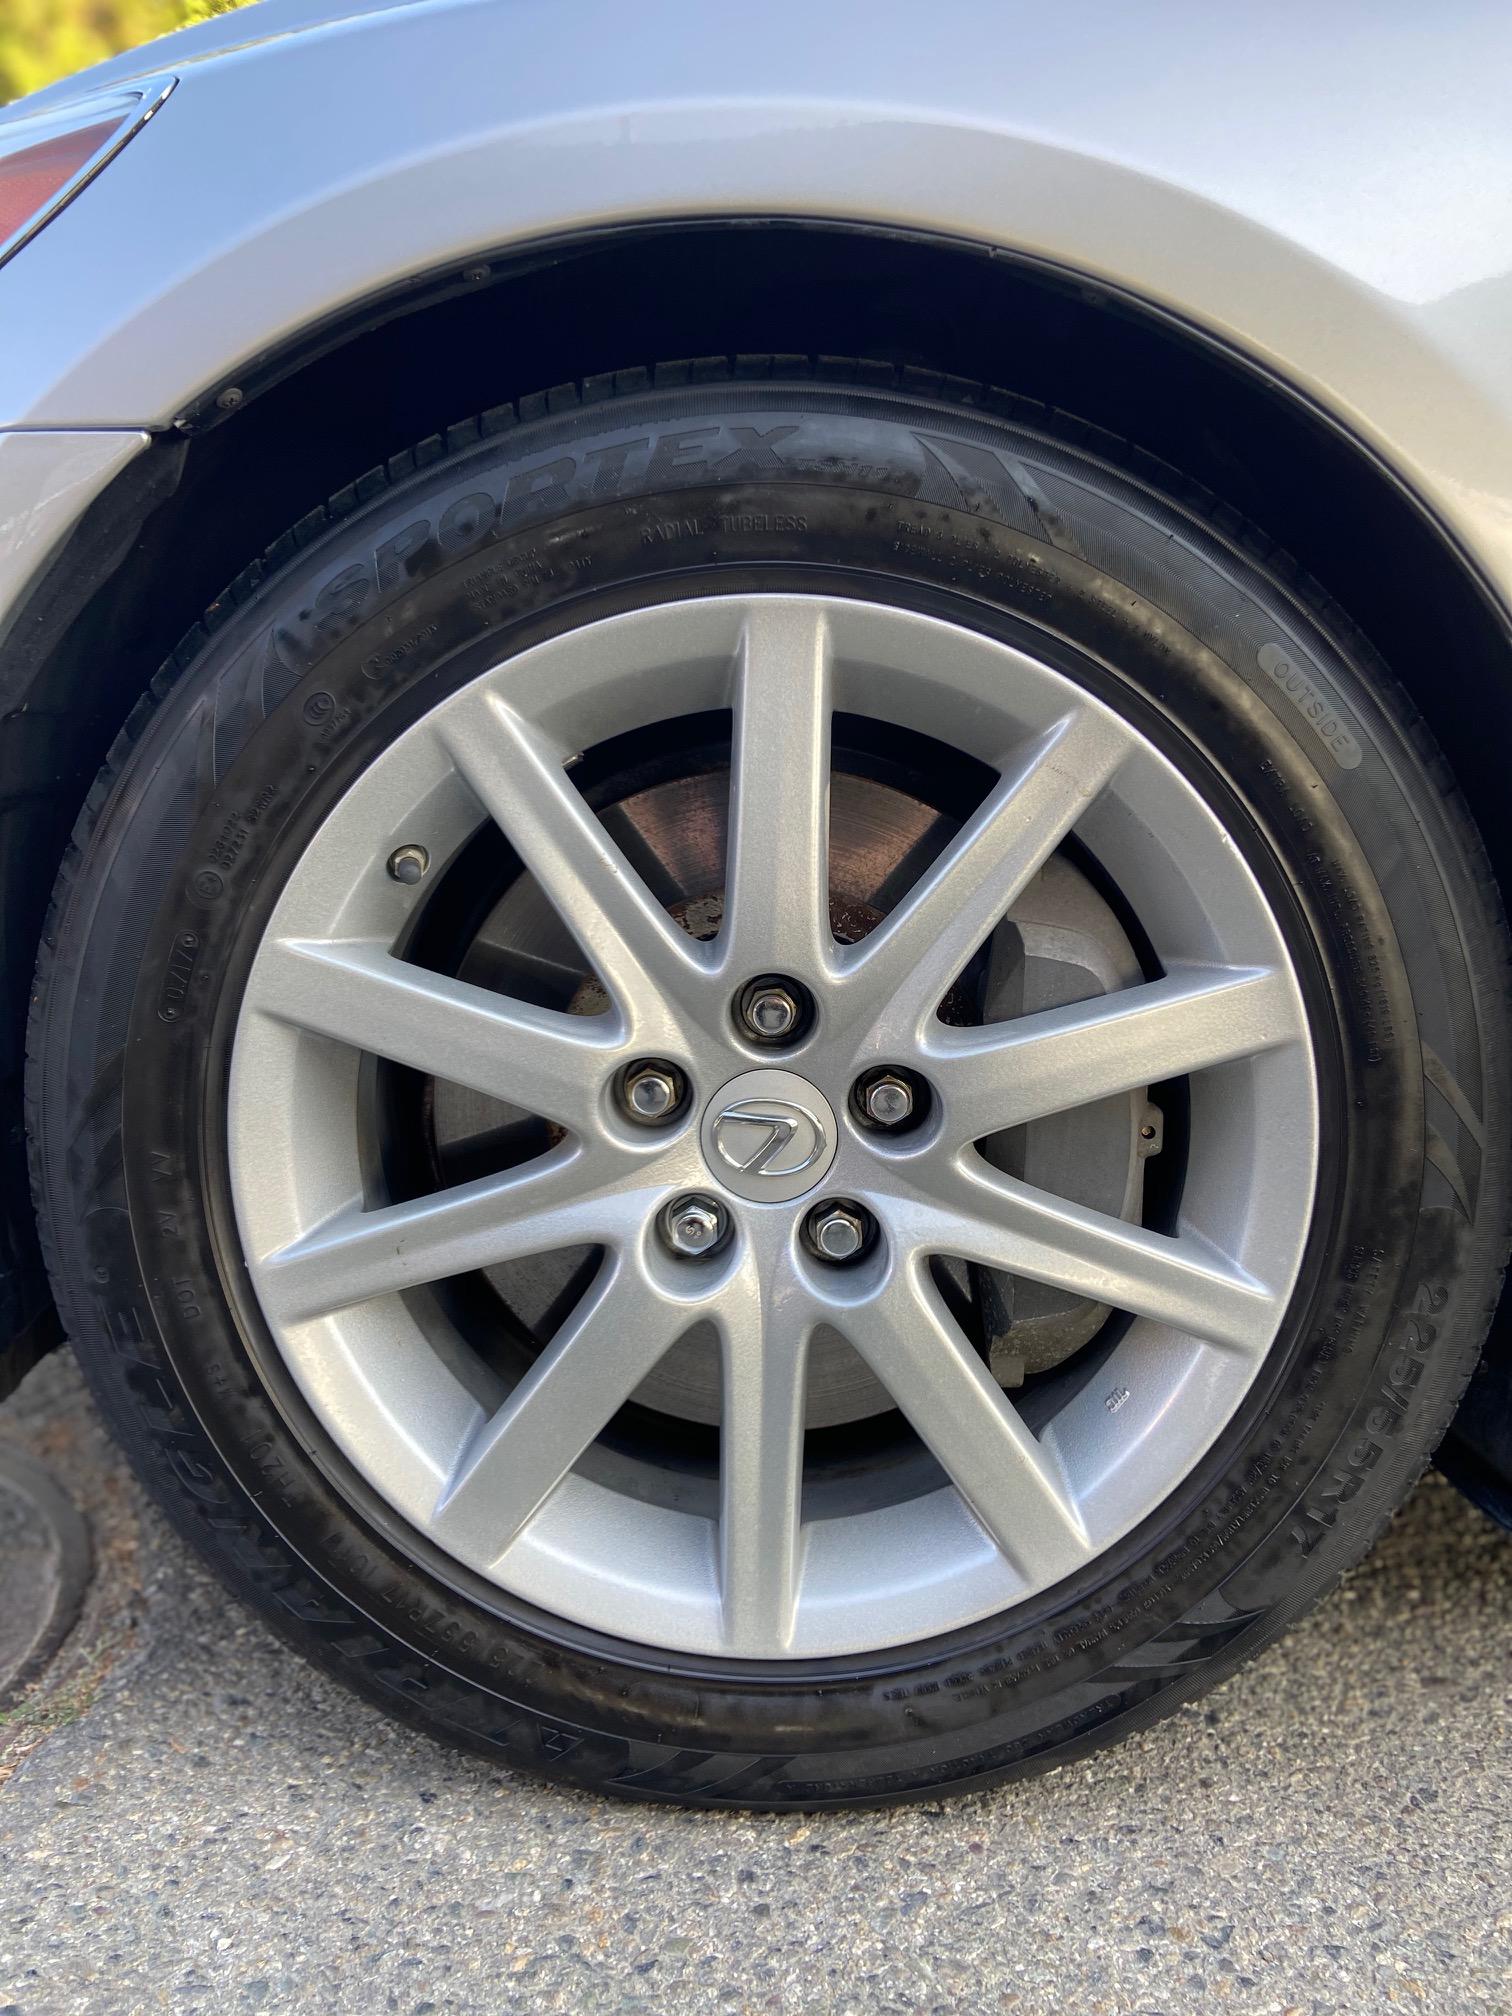 Купить Lexus GS300 (Серебристый ) - Автопарк Ставрополь